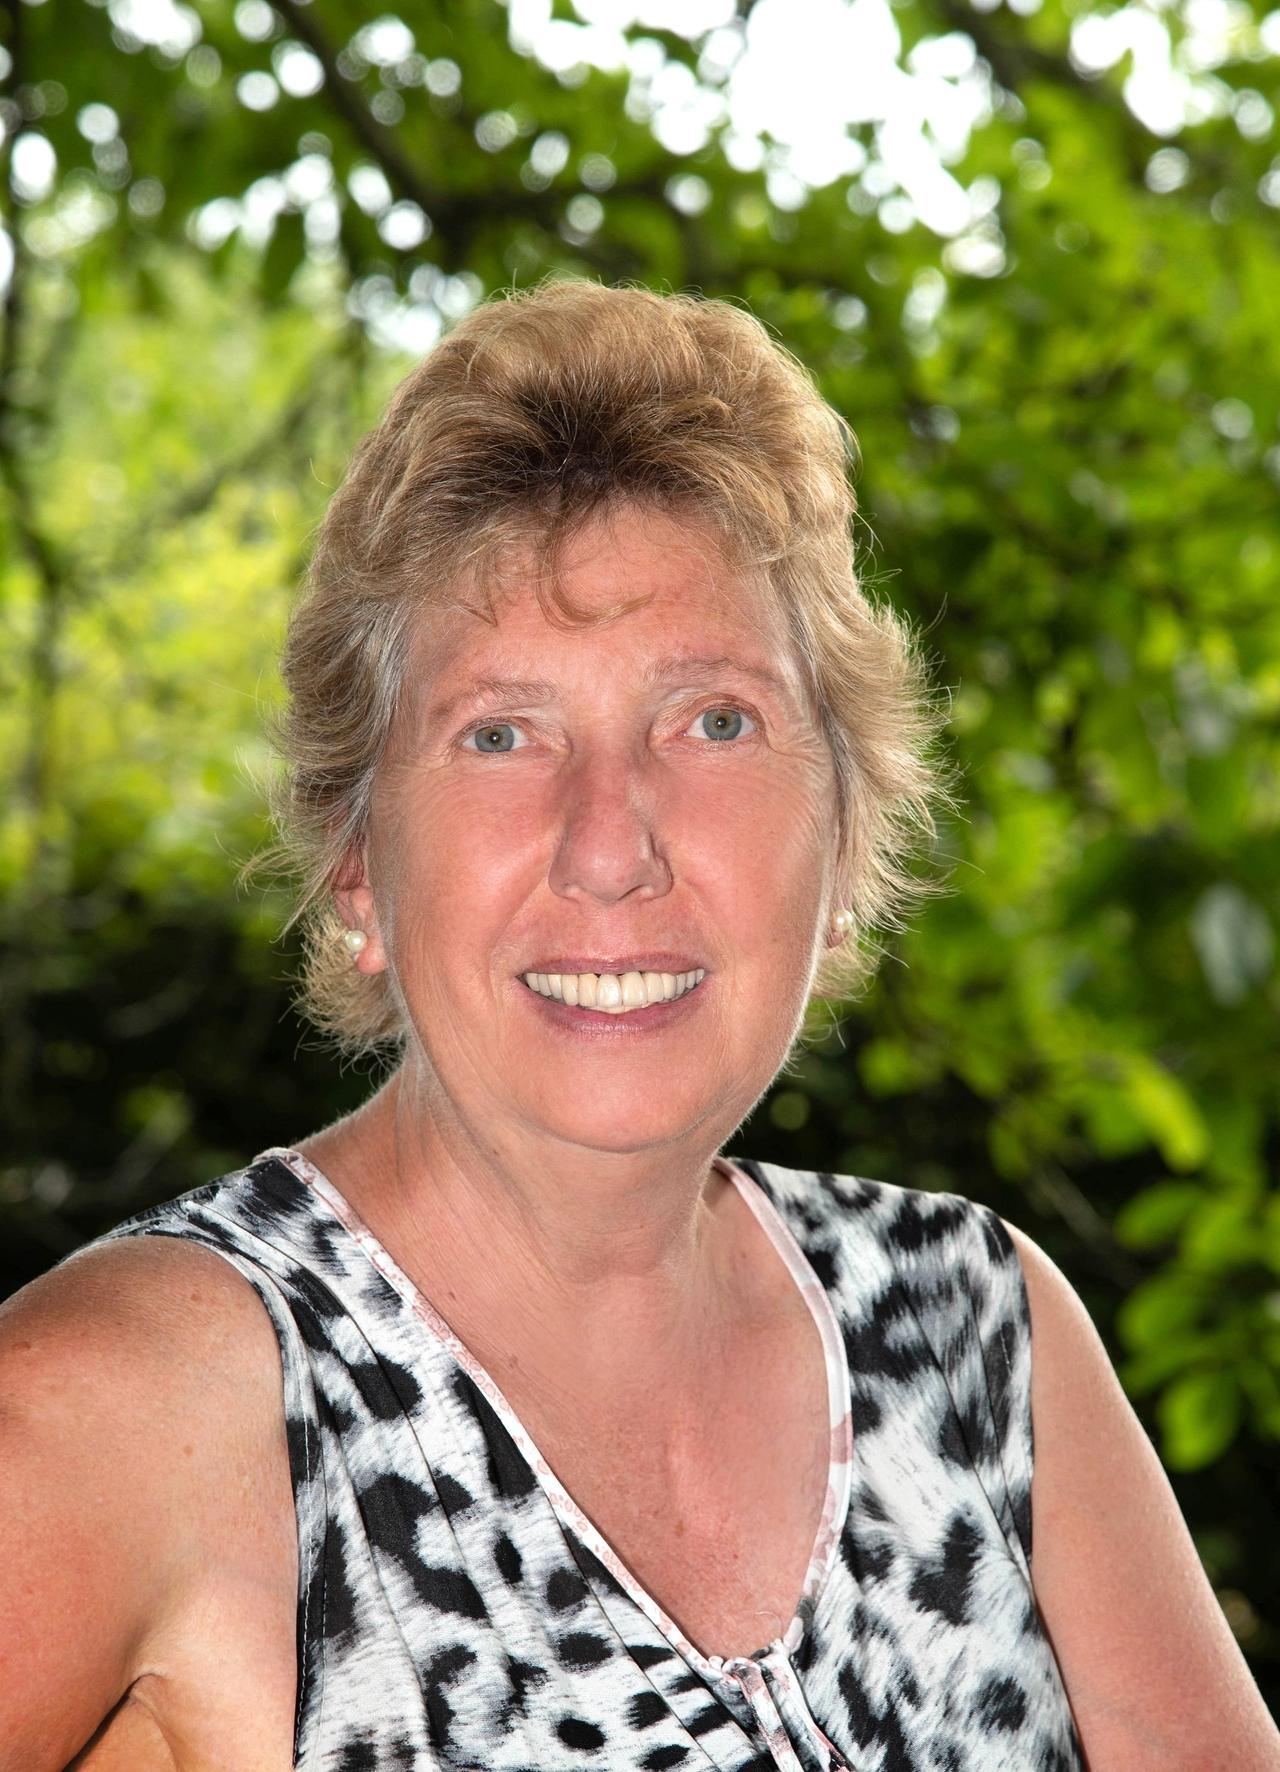 Ingrid Lebkücher